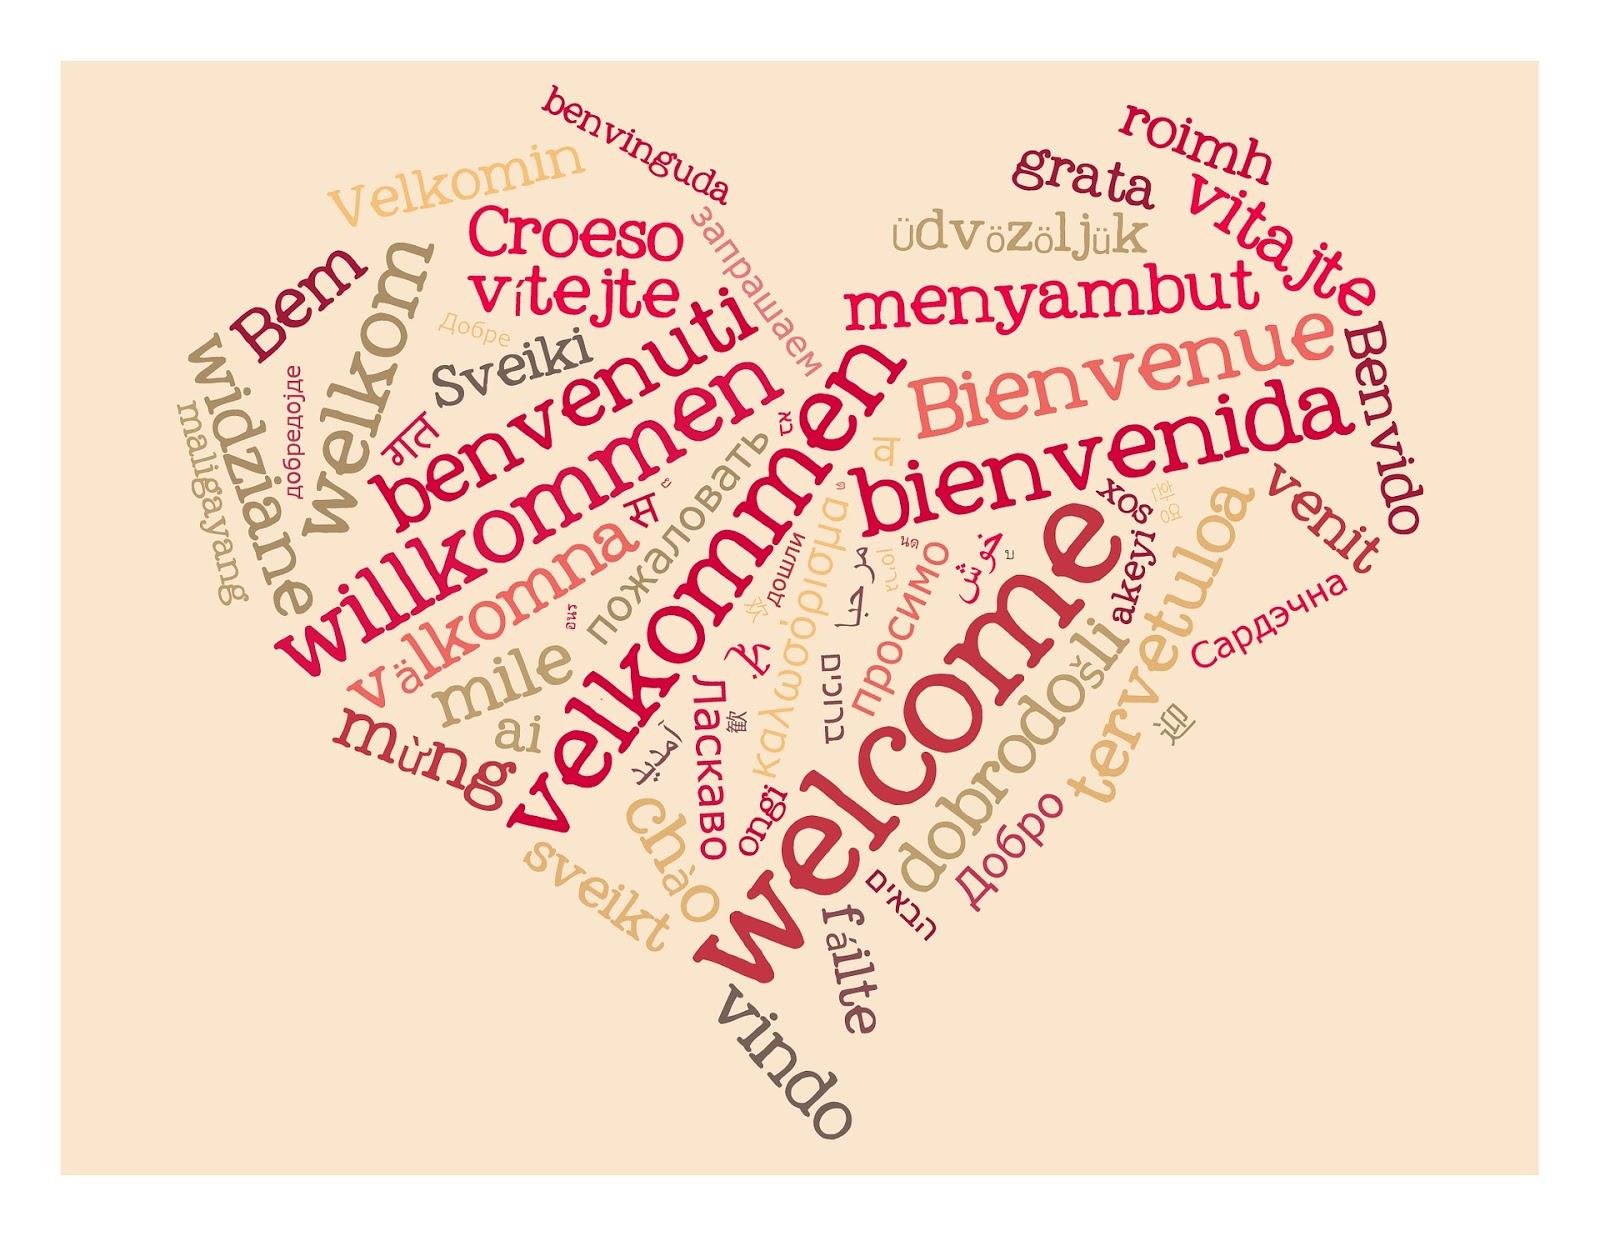 de fondo, nube, diferentes, global, gráfica, internacional, idiomas, texto, bienvenido, la palabra, en todo el mundo, rojo, brown, beige,